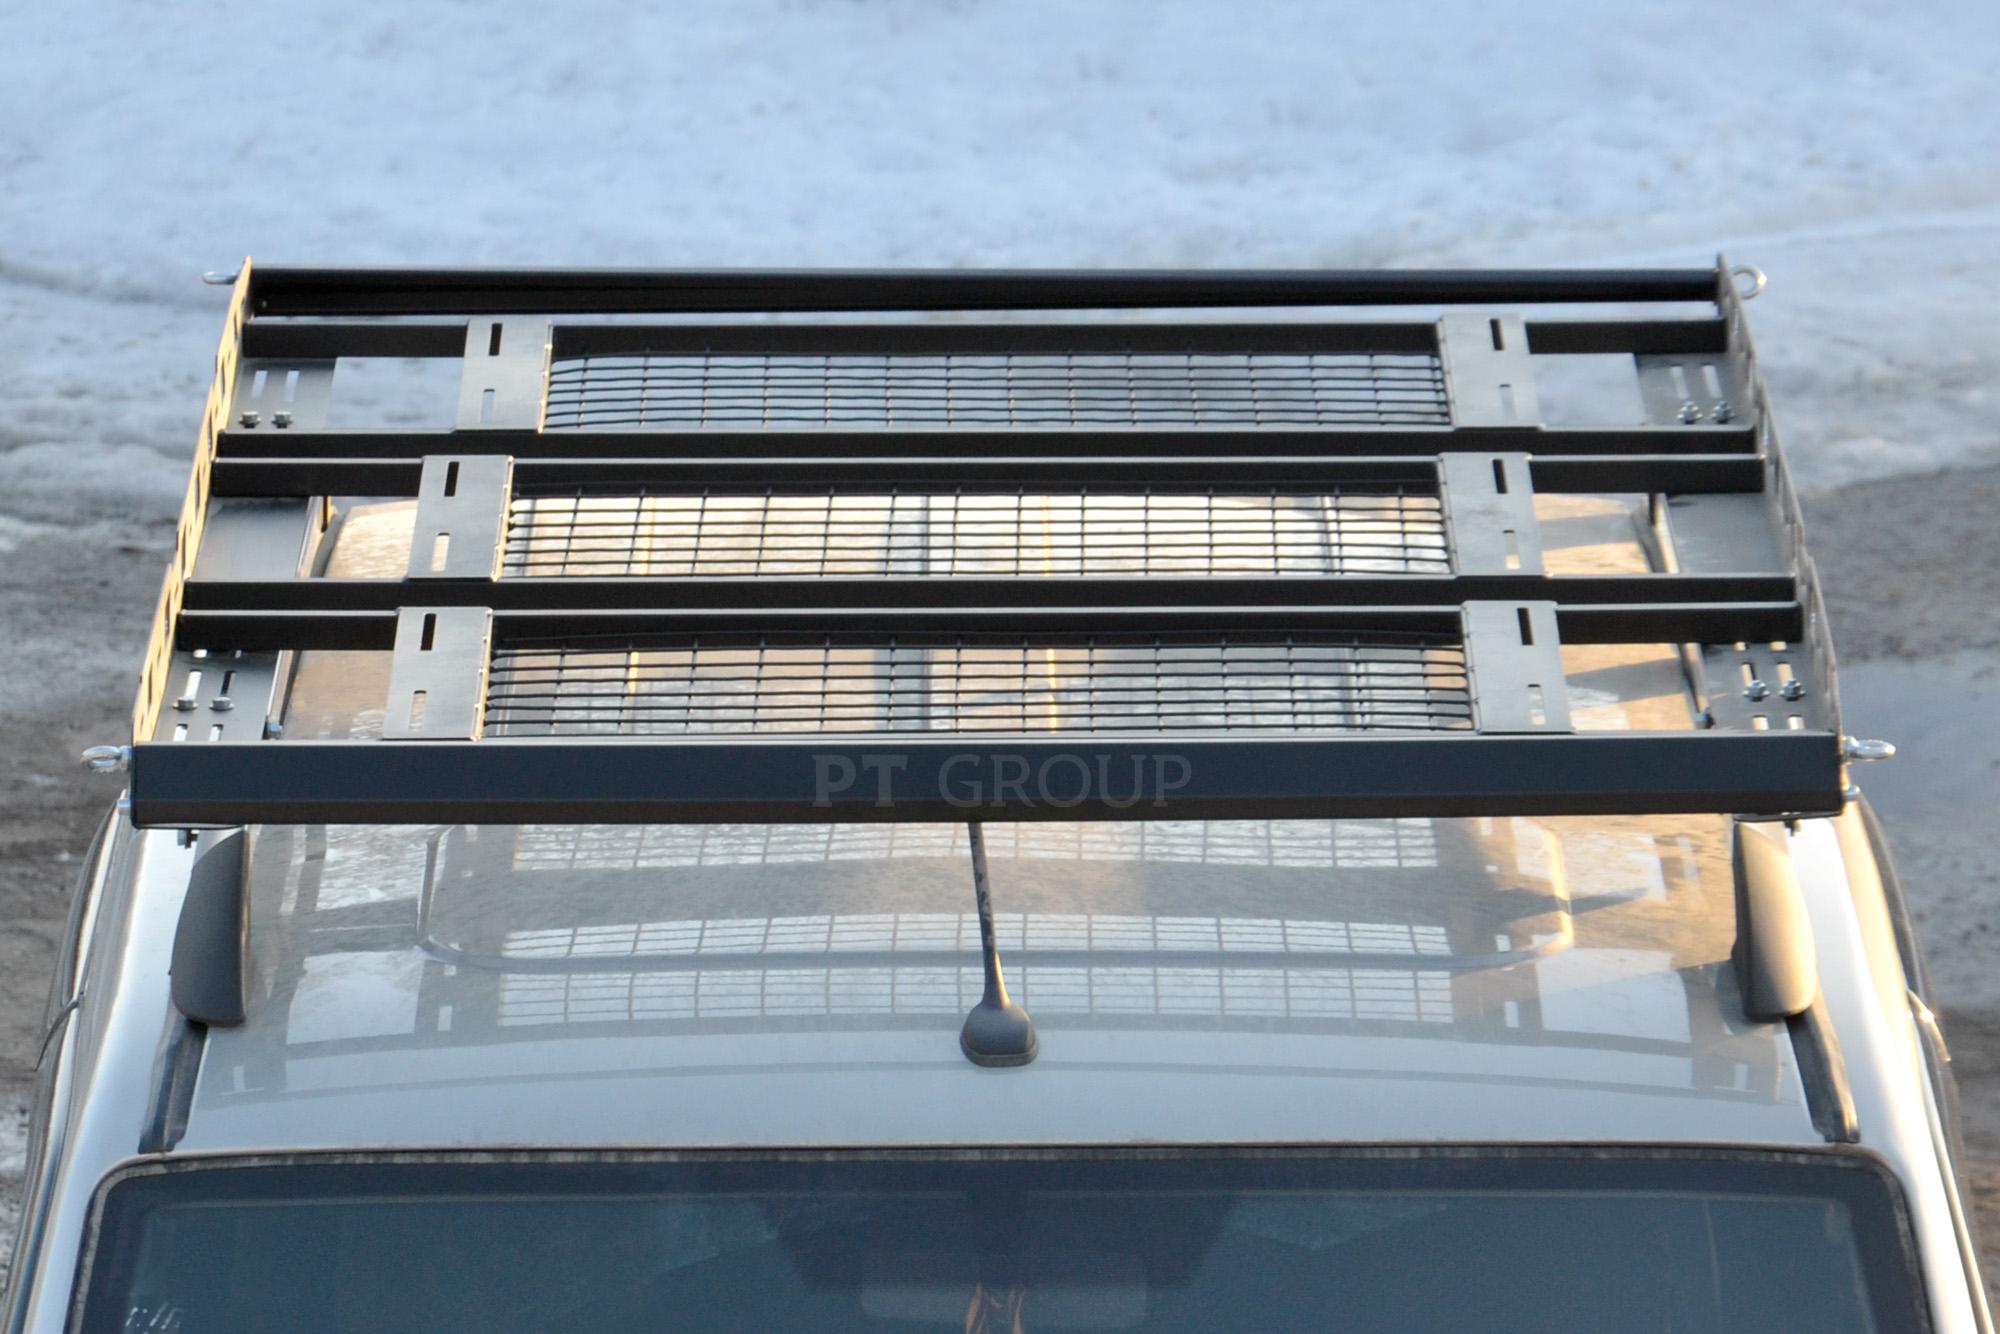 Багажник-корзина трёхсекционная с основанием решетка Широкая (ППК) 2100х1300 мм Универсальная